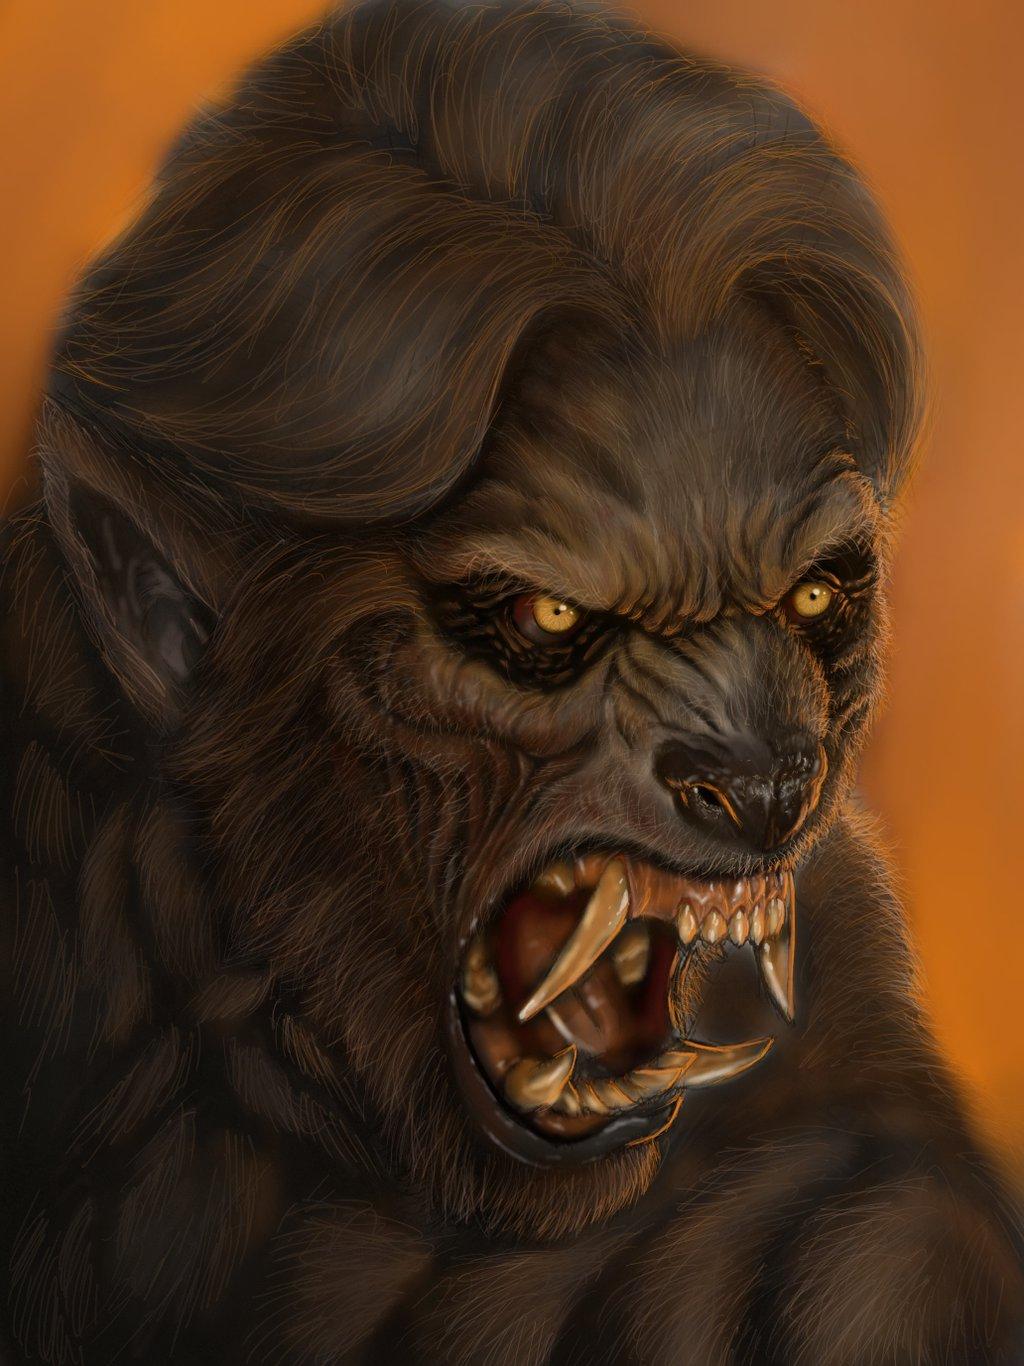 Artwork & Creative | Werewolf News